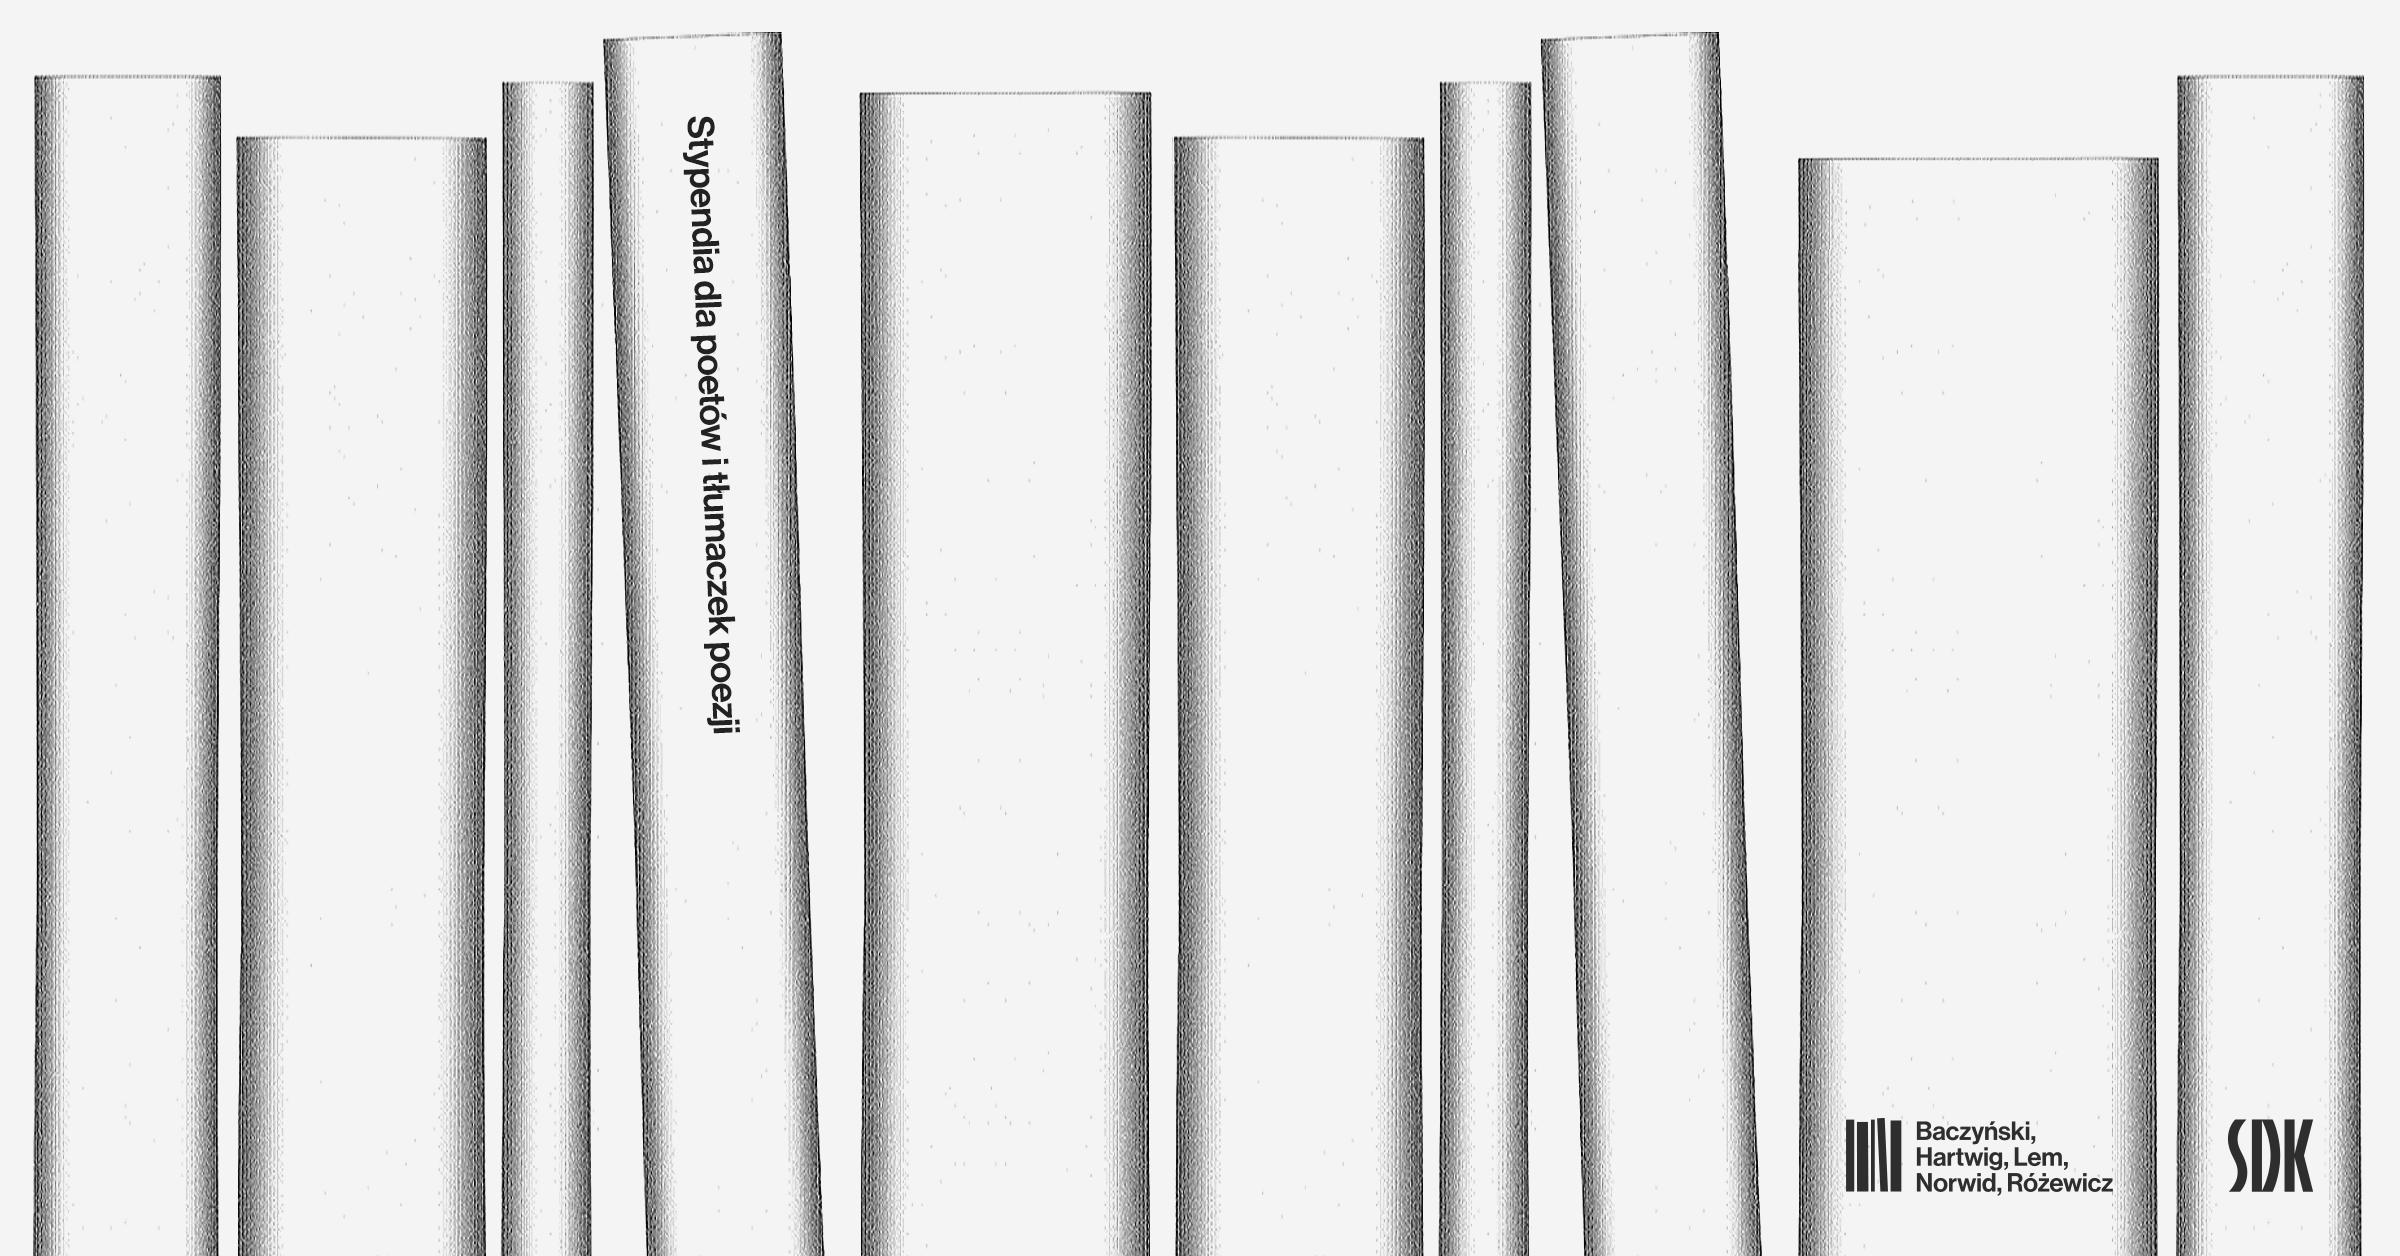 Obraz w sliderze - Stypendia dla poetów i tłumaczek